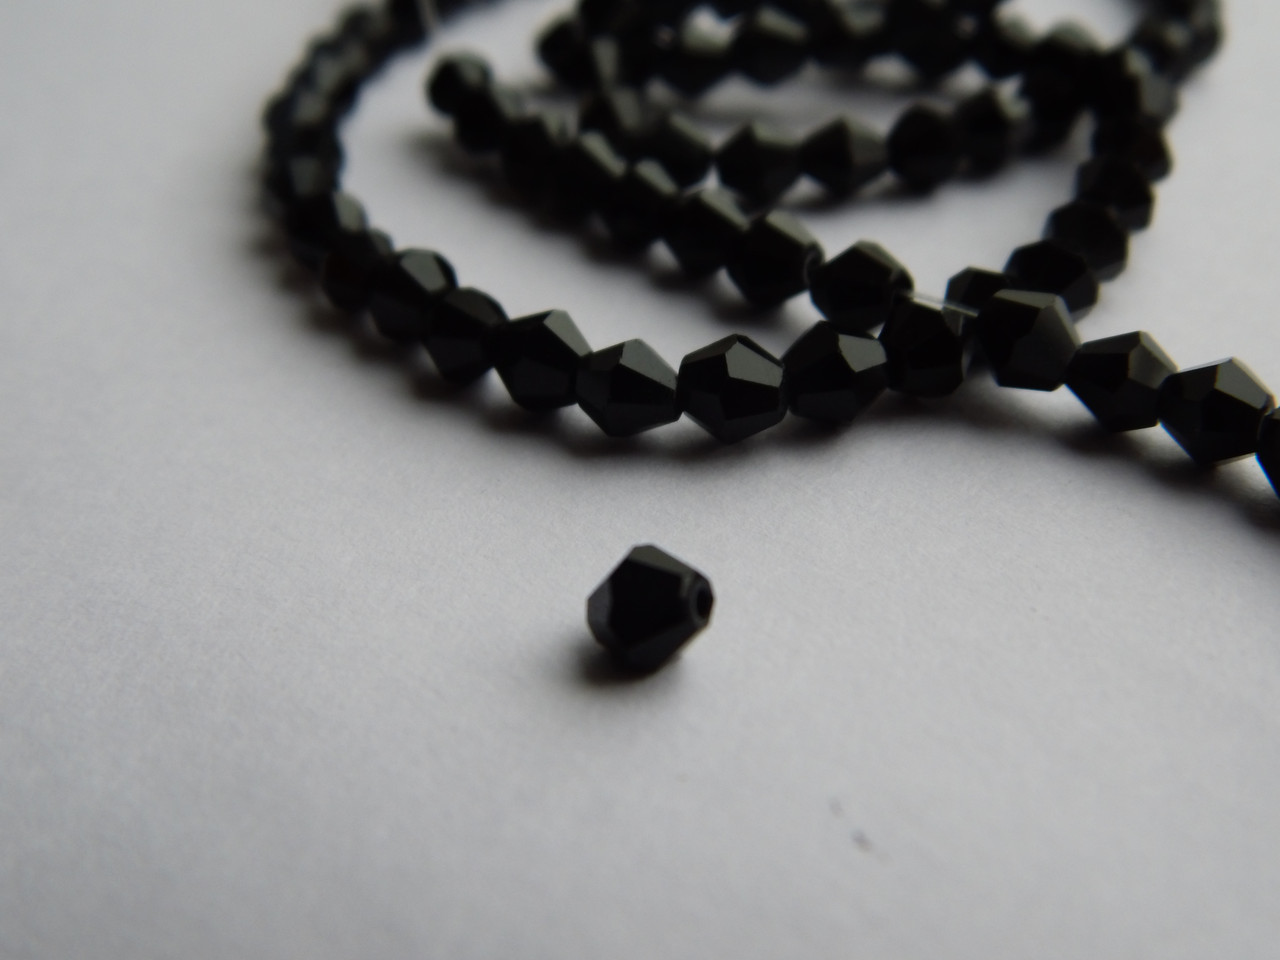 Намистини  біконус кришталеві (Чехія) Чорні 4 мм (10 шт.)